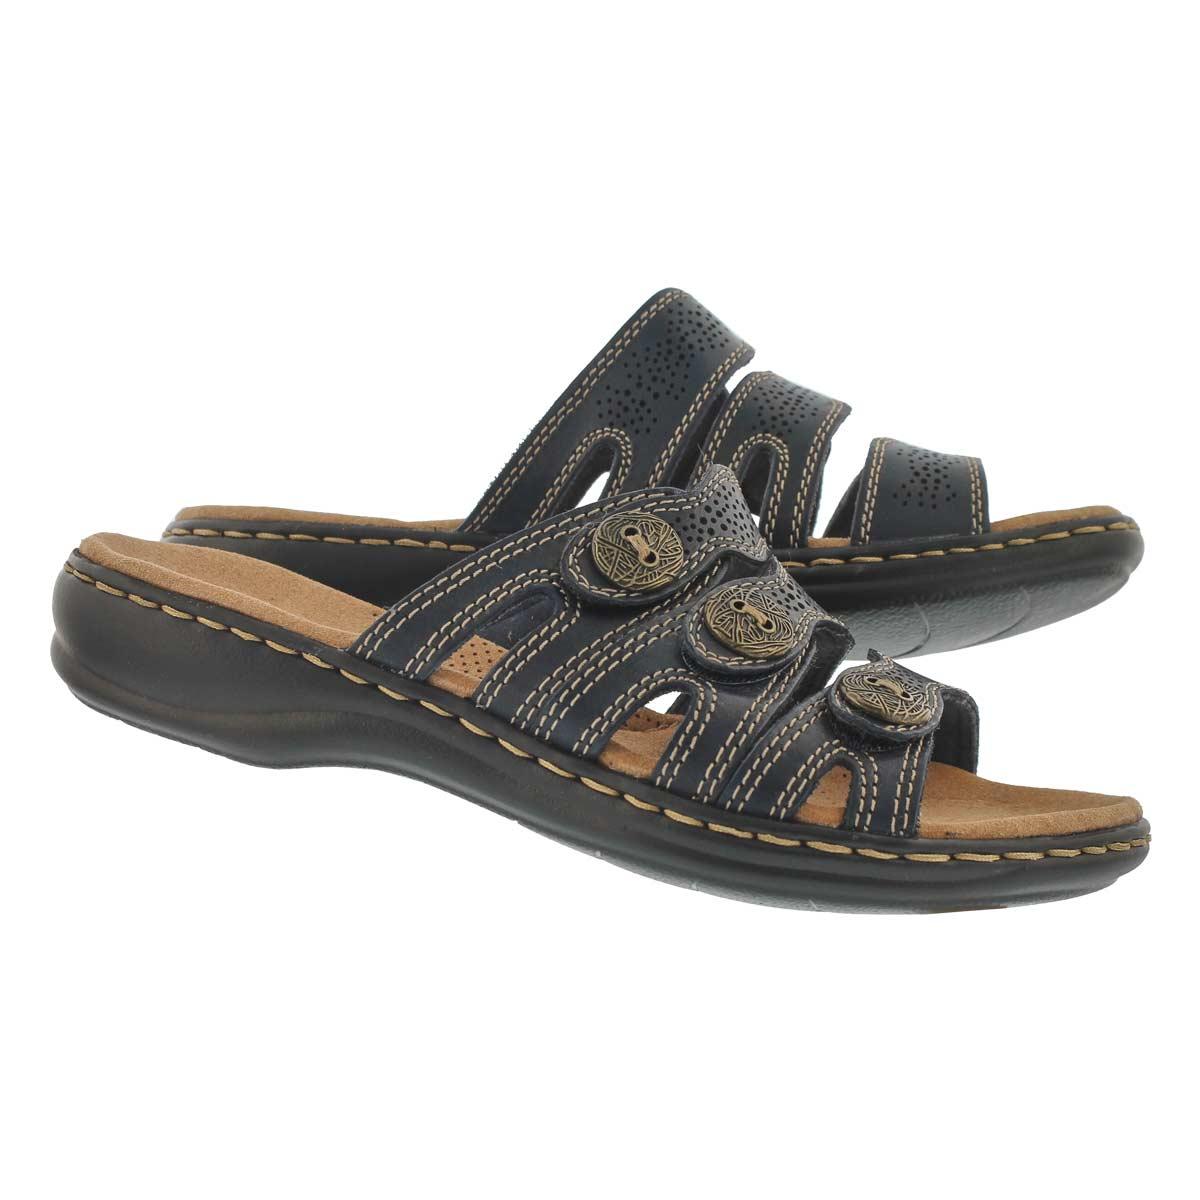 Lds Leisa Grace nvy casual slide sandal